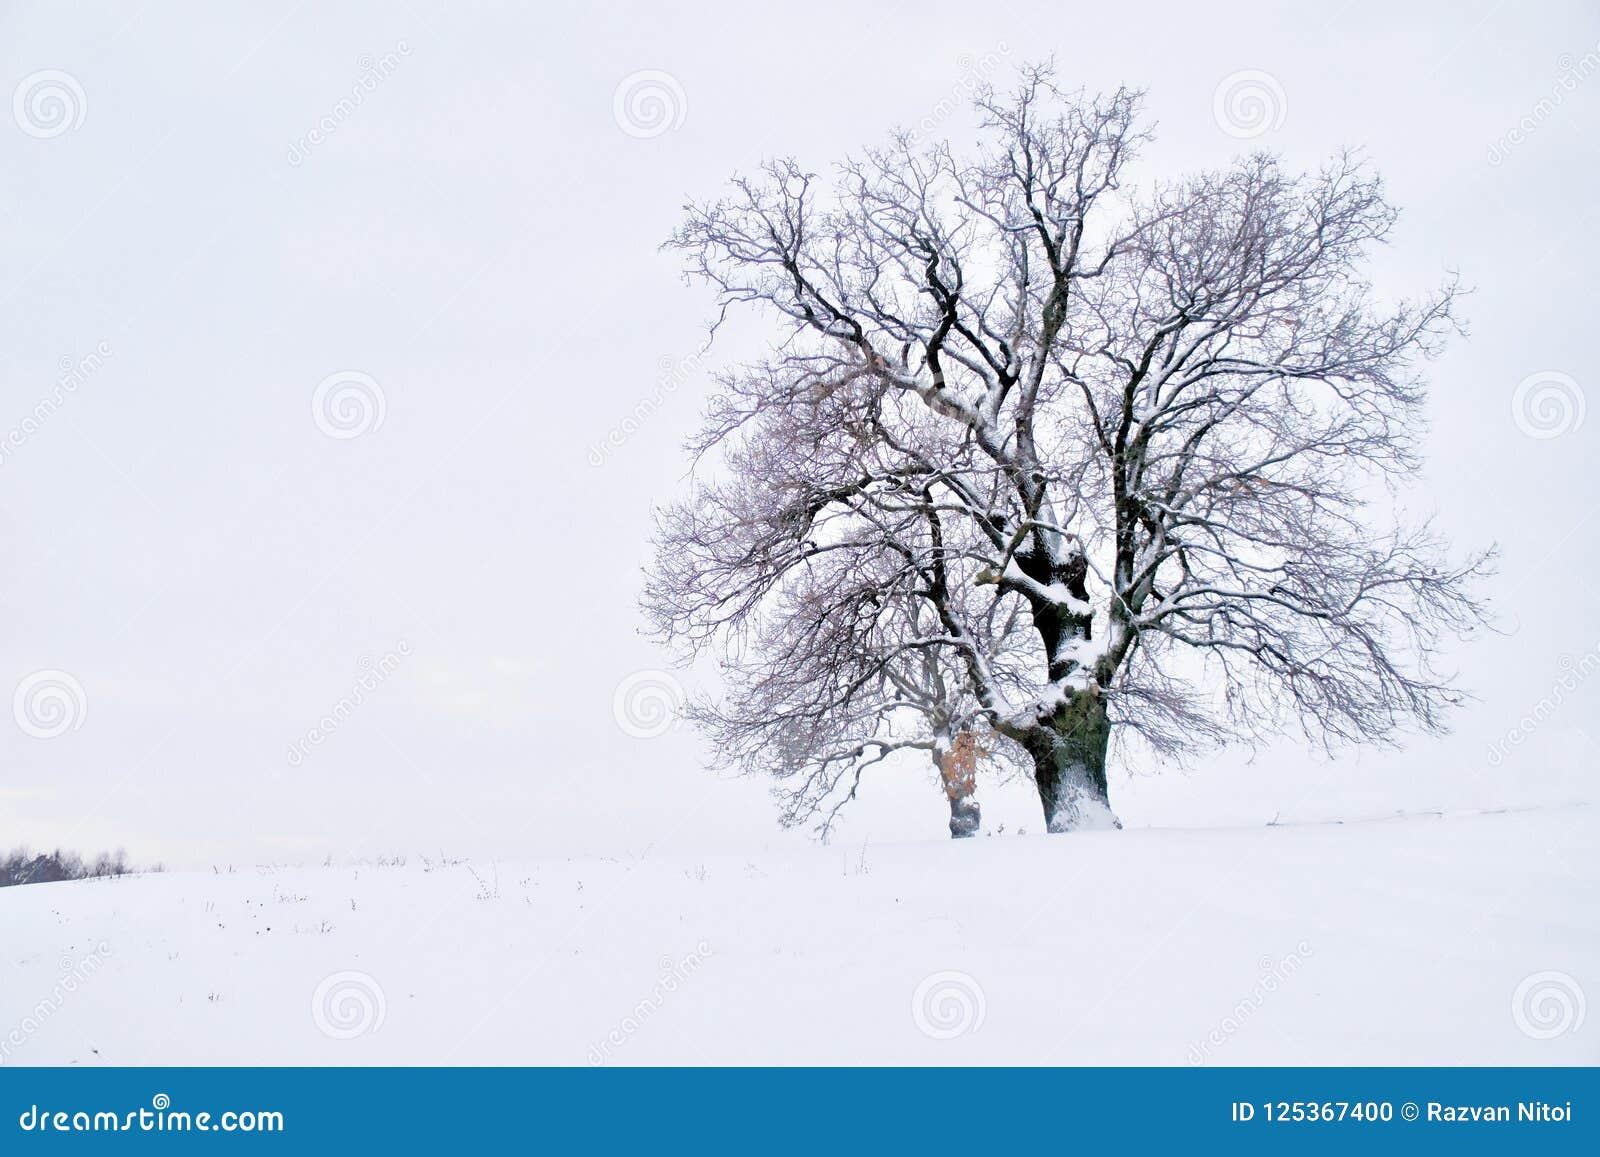 Osamotniony majestatyczny dębowy drzewo w zimie